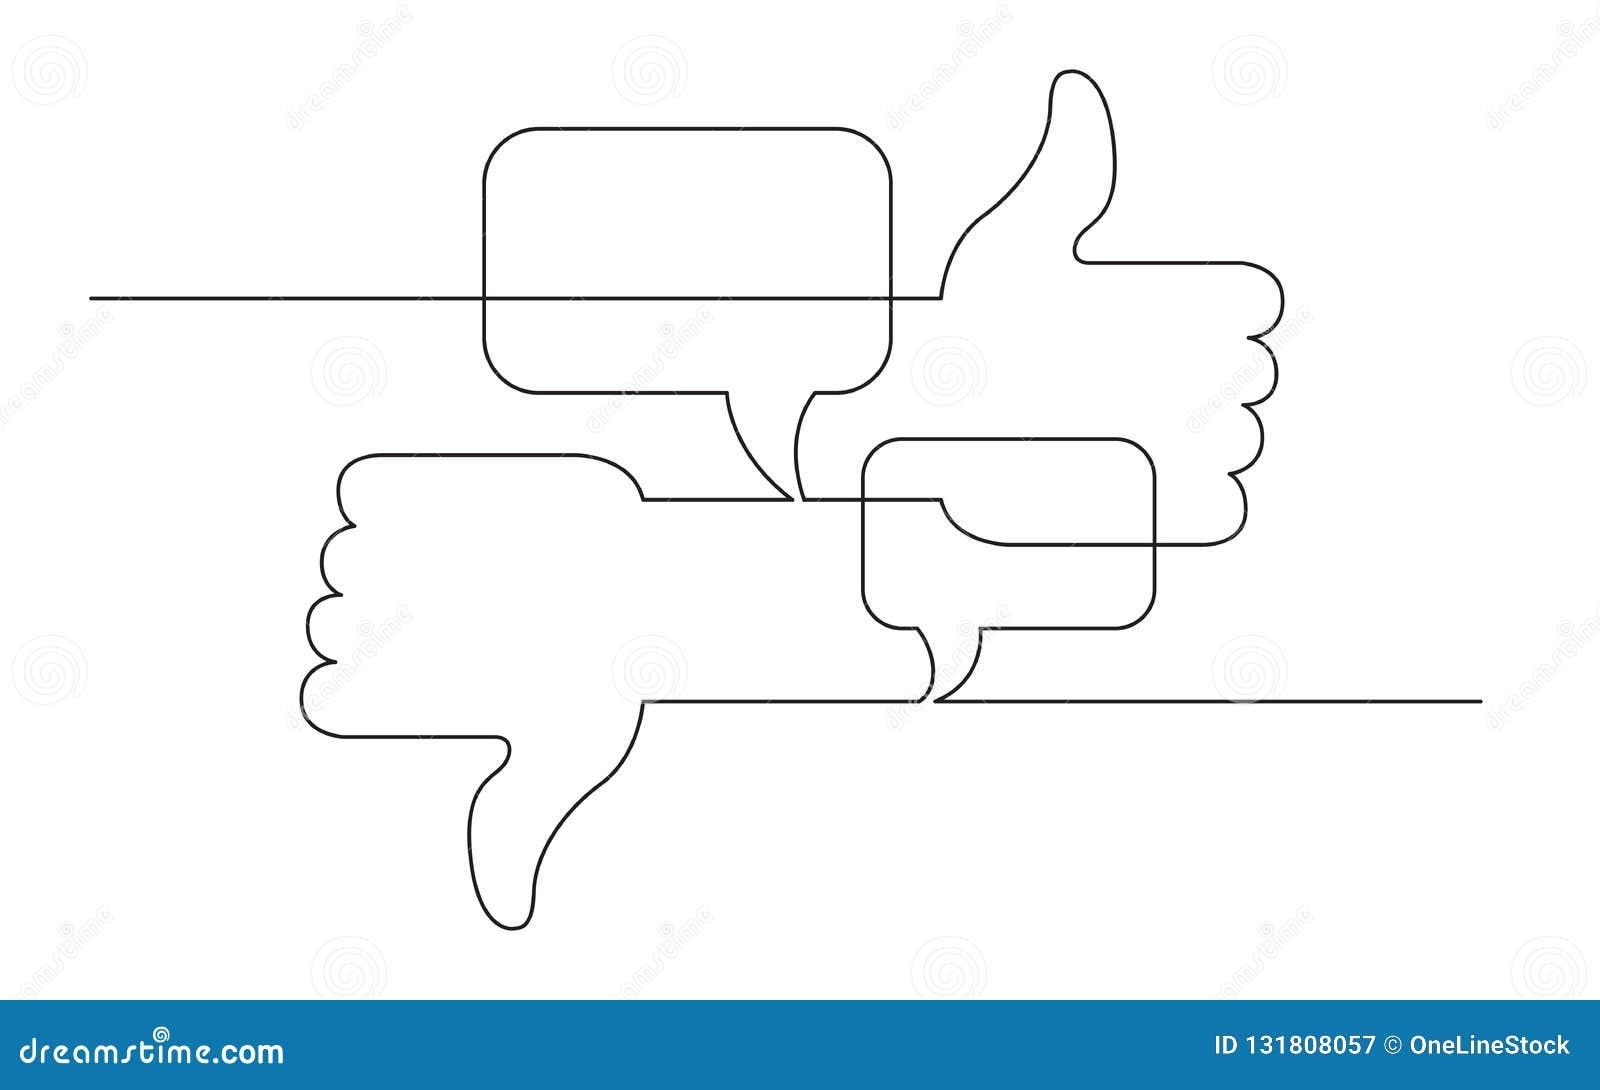 Непрерывная линия чертеж эскиза концепции социальных средств массовой информации как, нелюбов и символов мнений